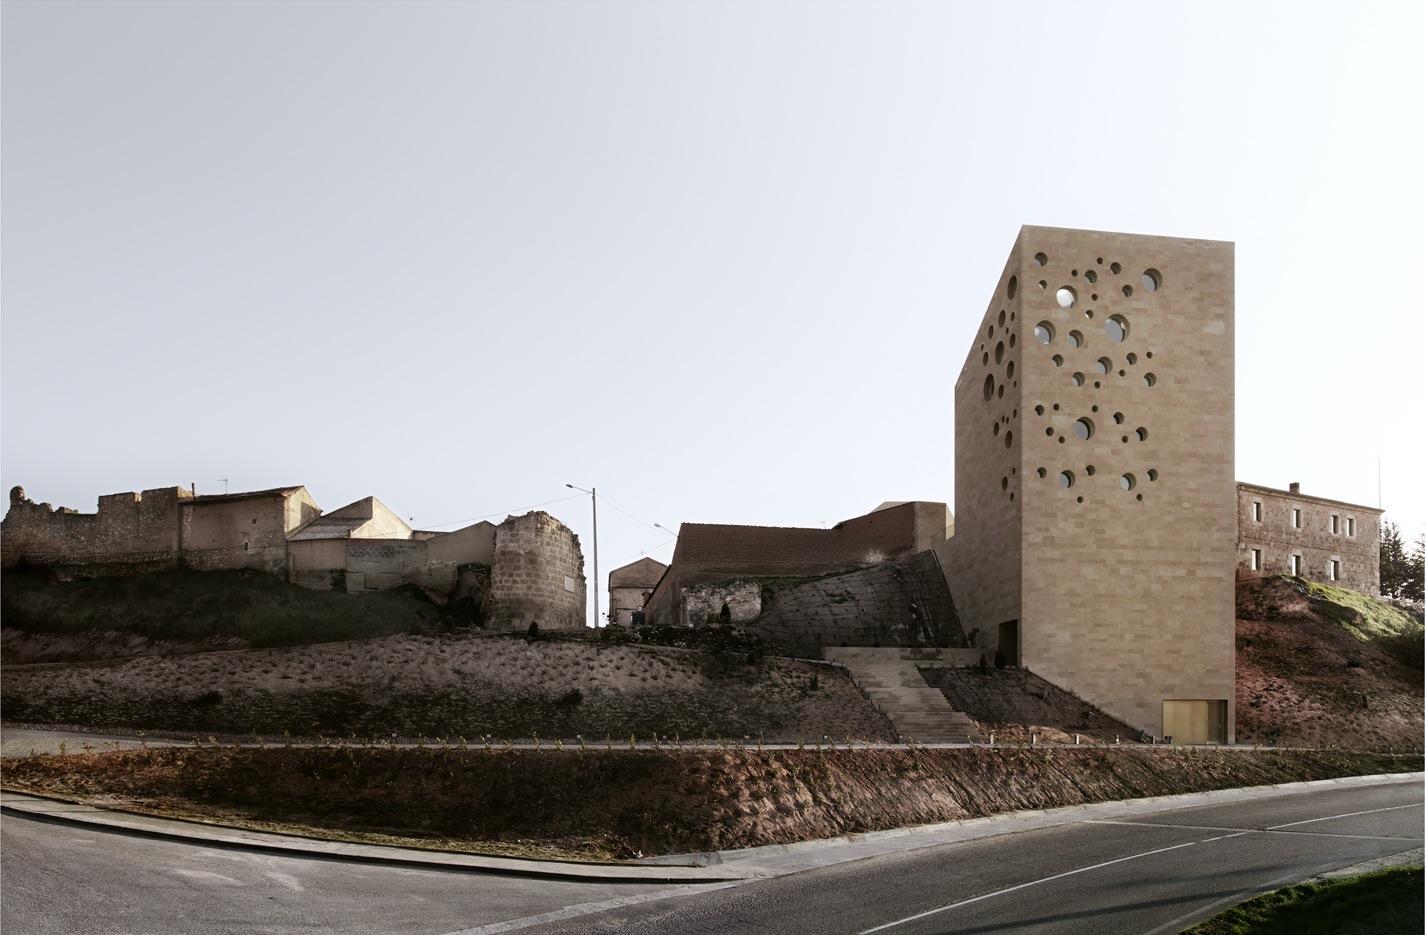 Escritórios Ribera del Duero / Estudio Barozzi Veiga, © Mariela Apollonio